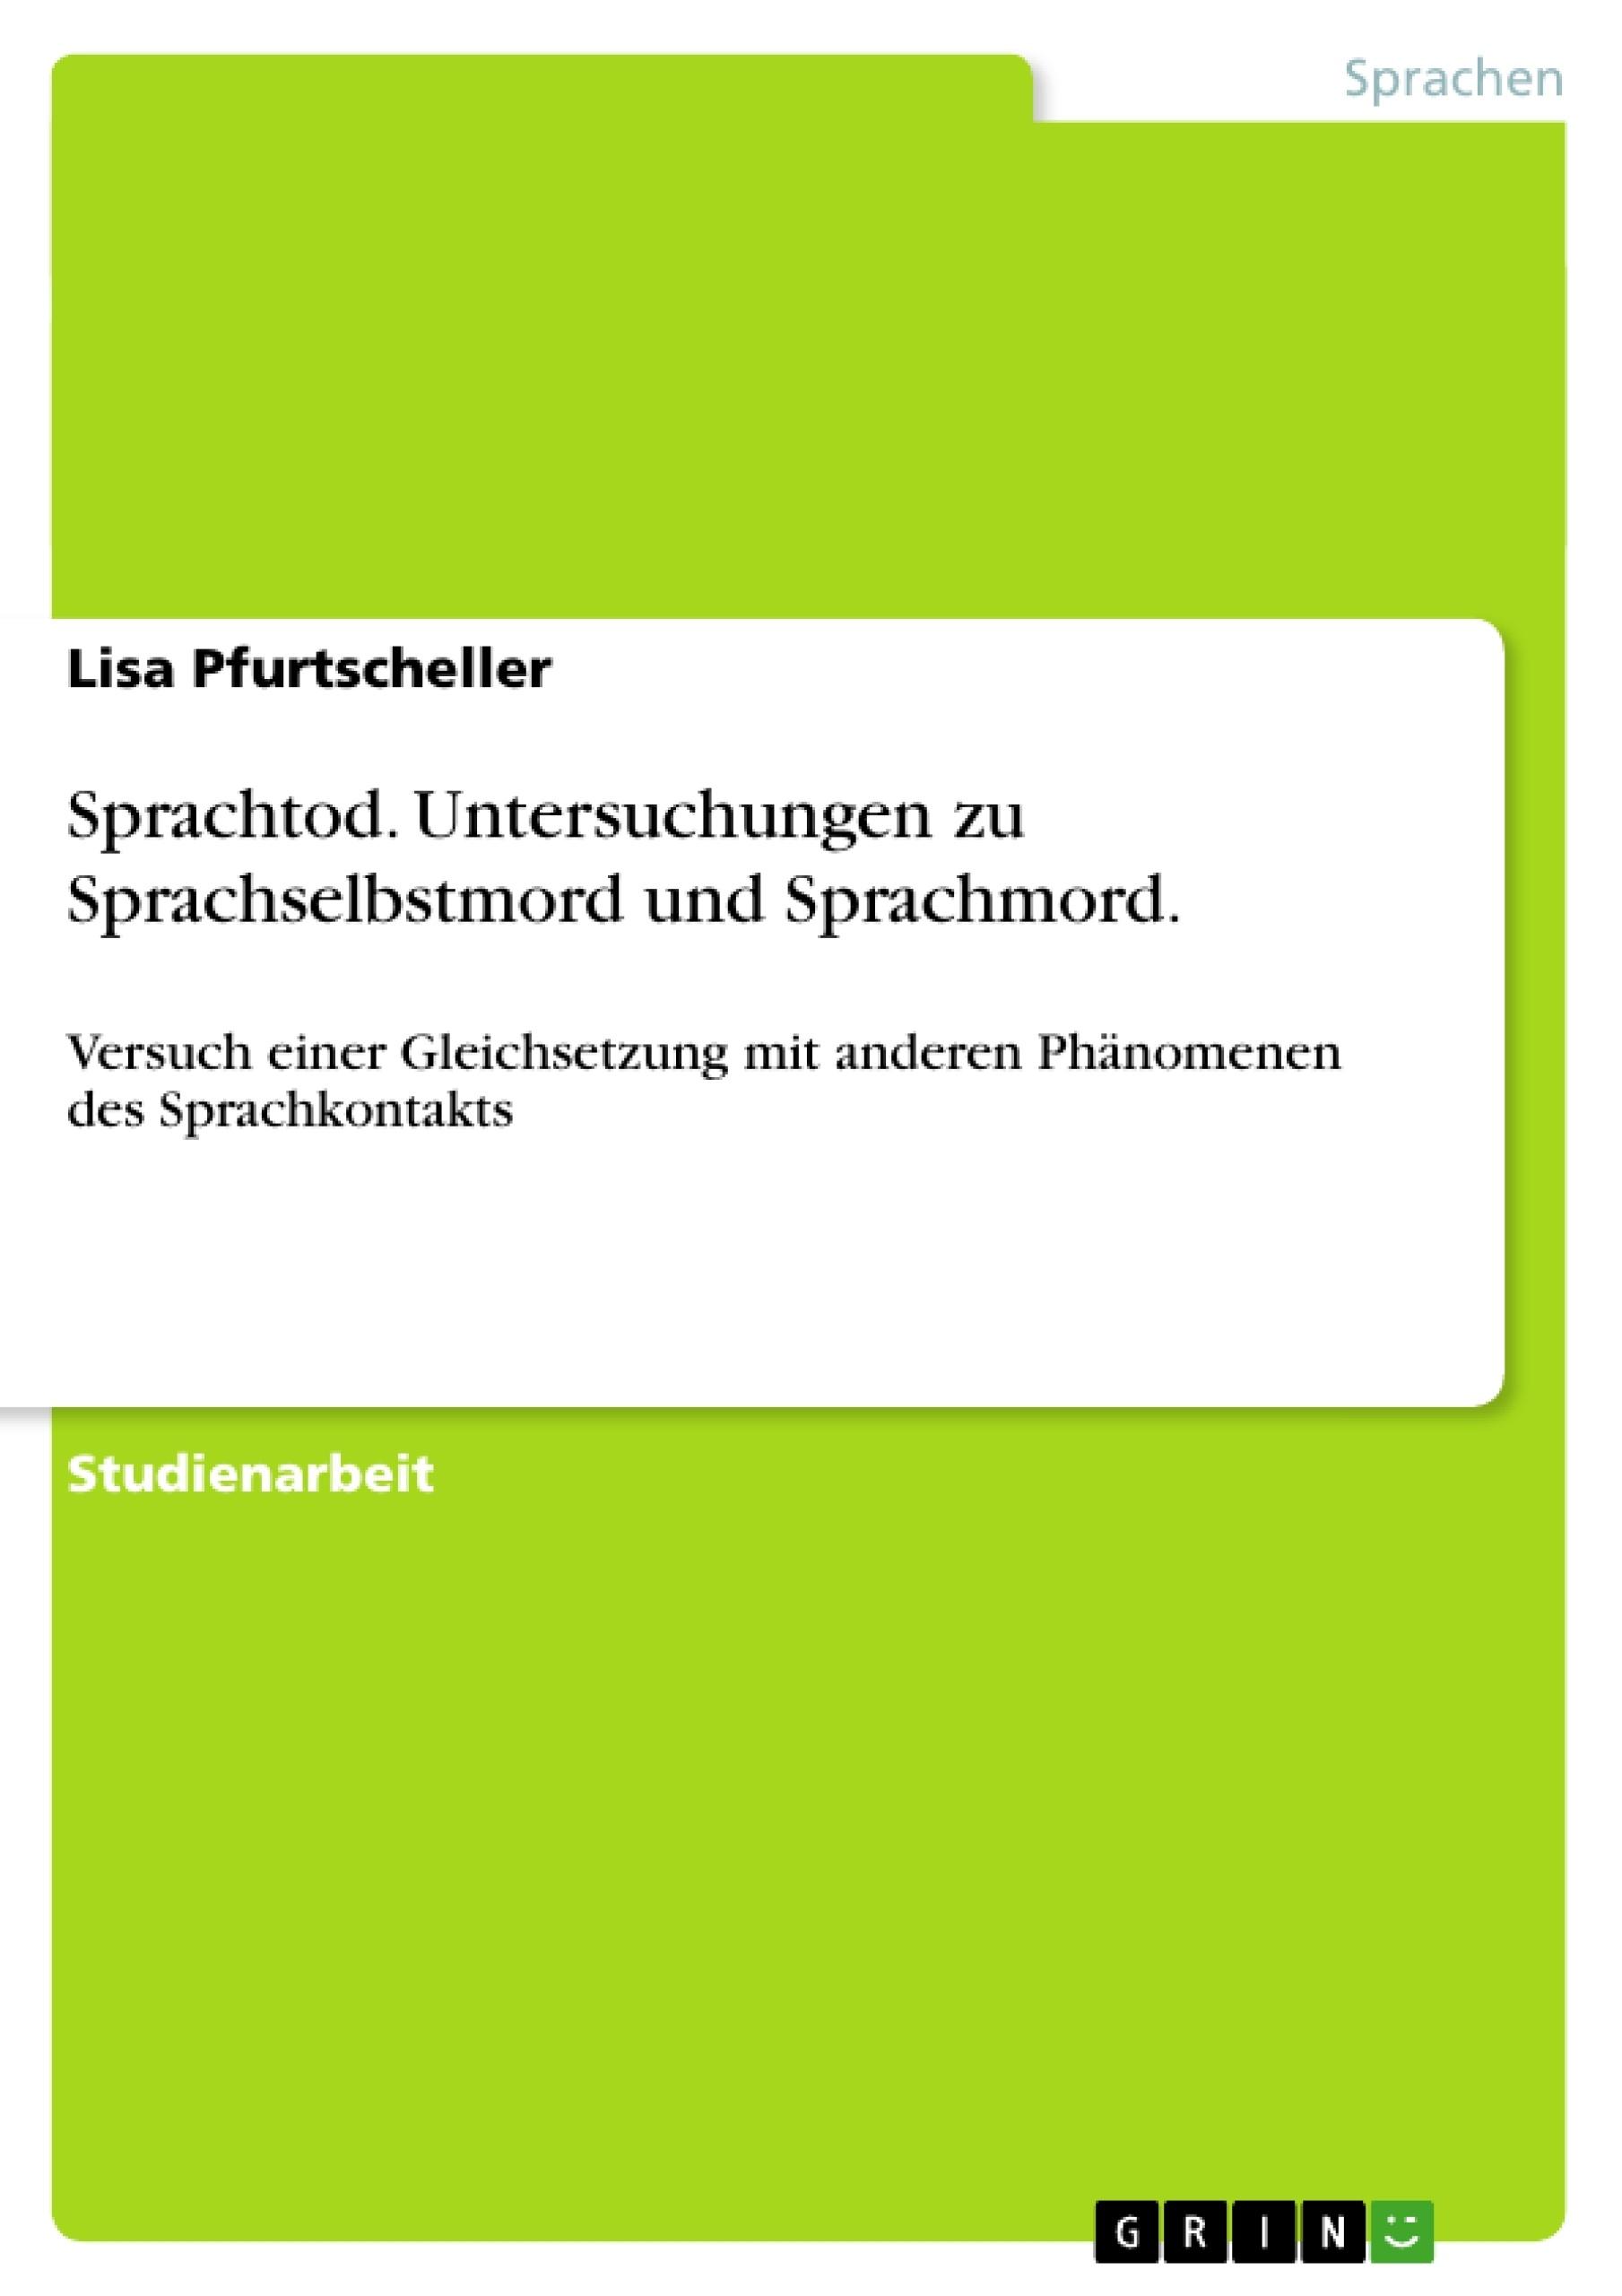 Titel: Sprachtod. Untersuchungen zu Sprachselbstmord und Sprachmord.